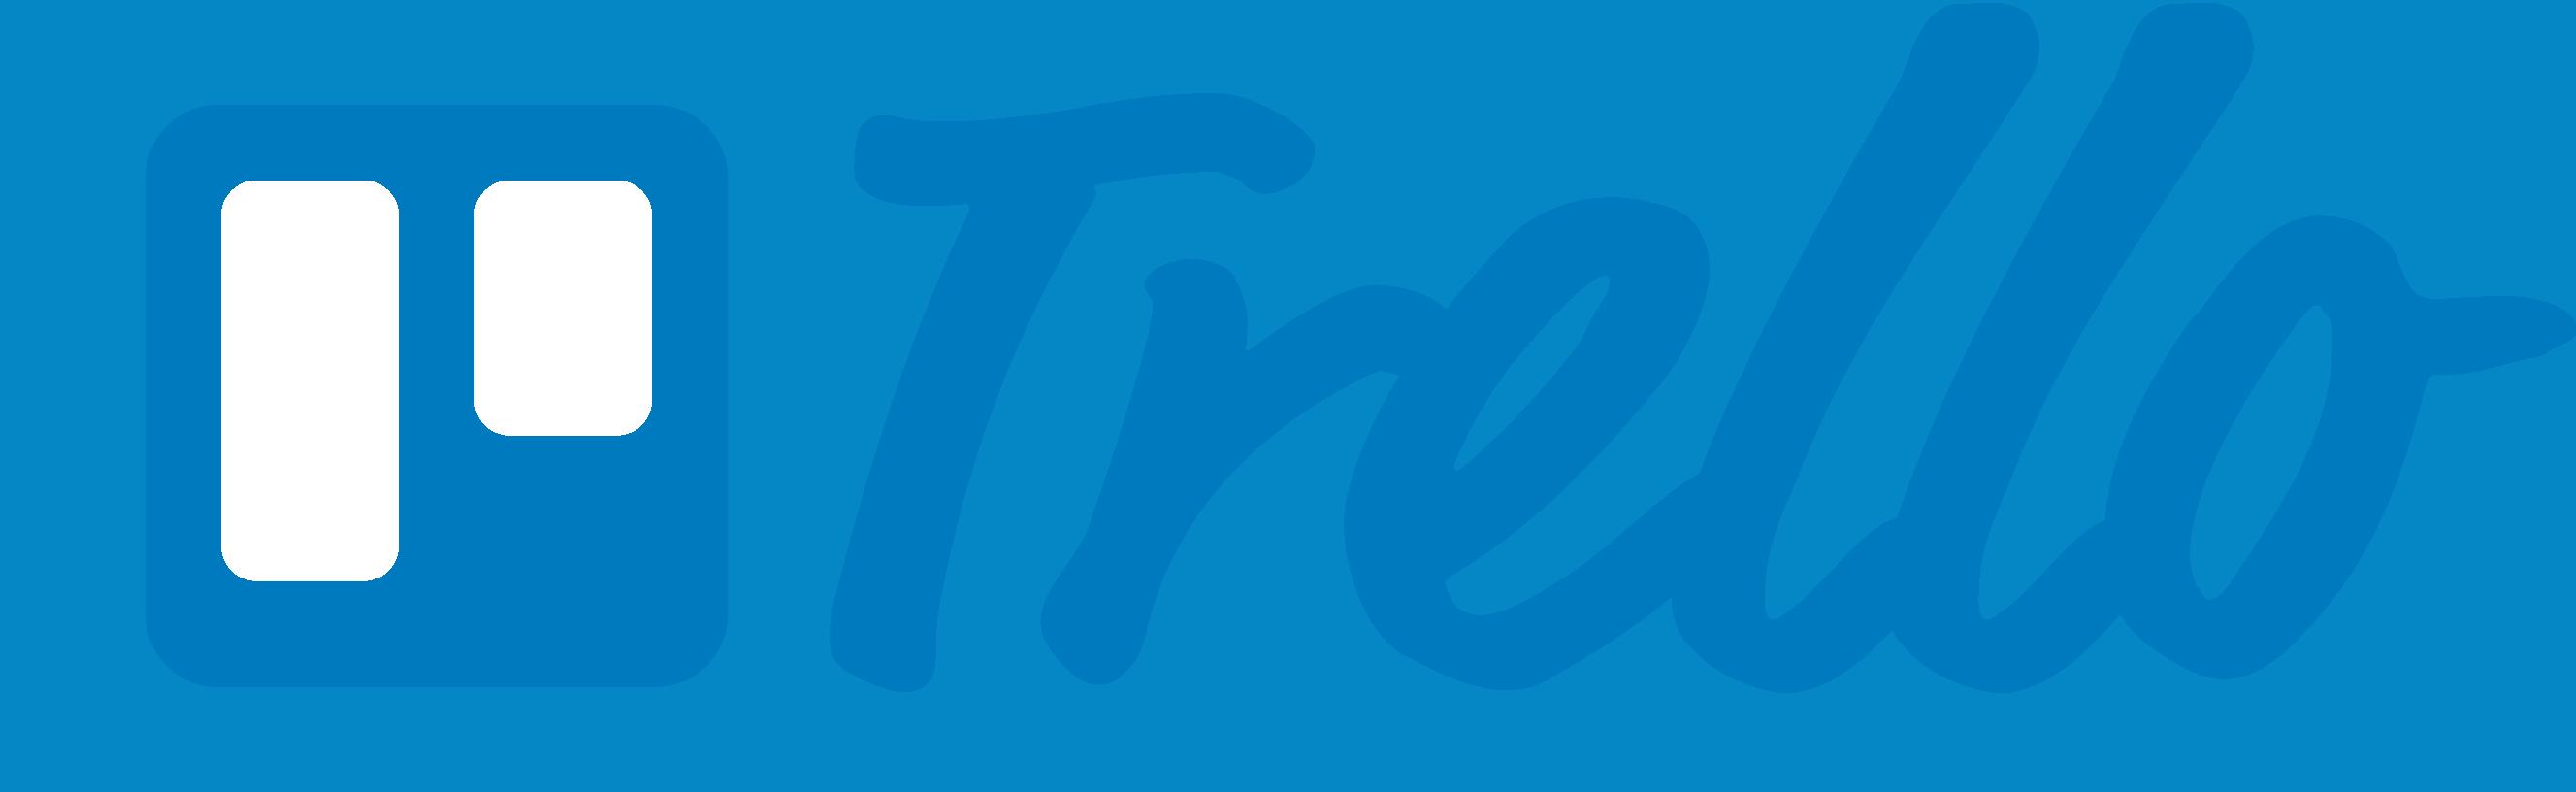 Trello logo